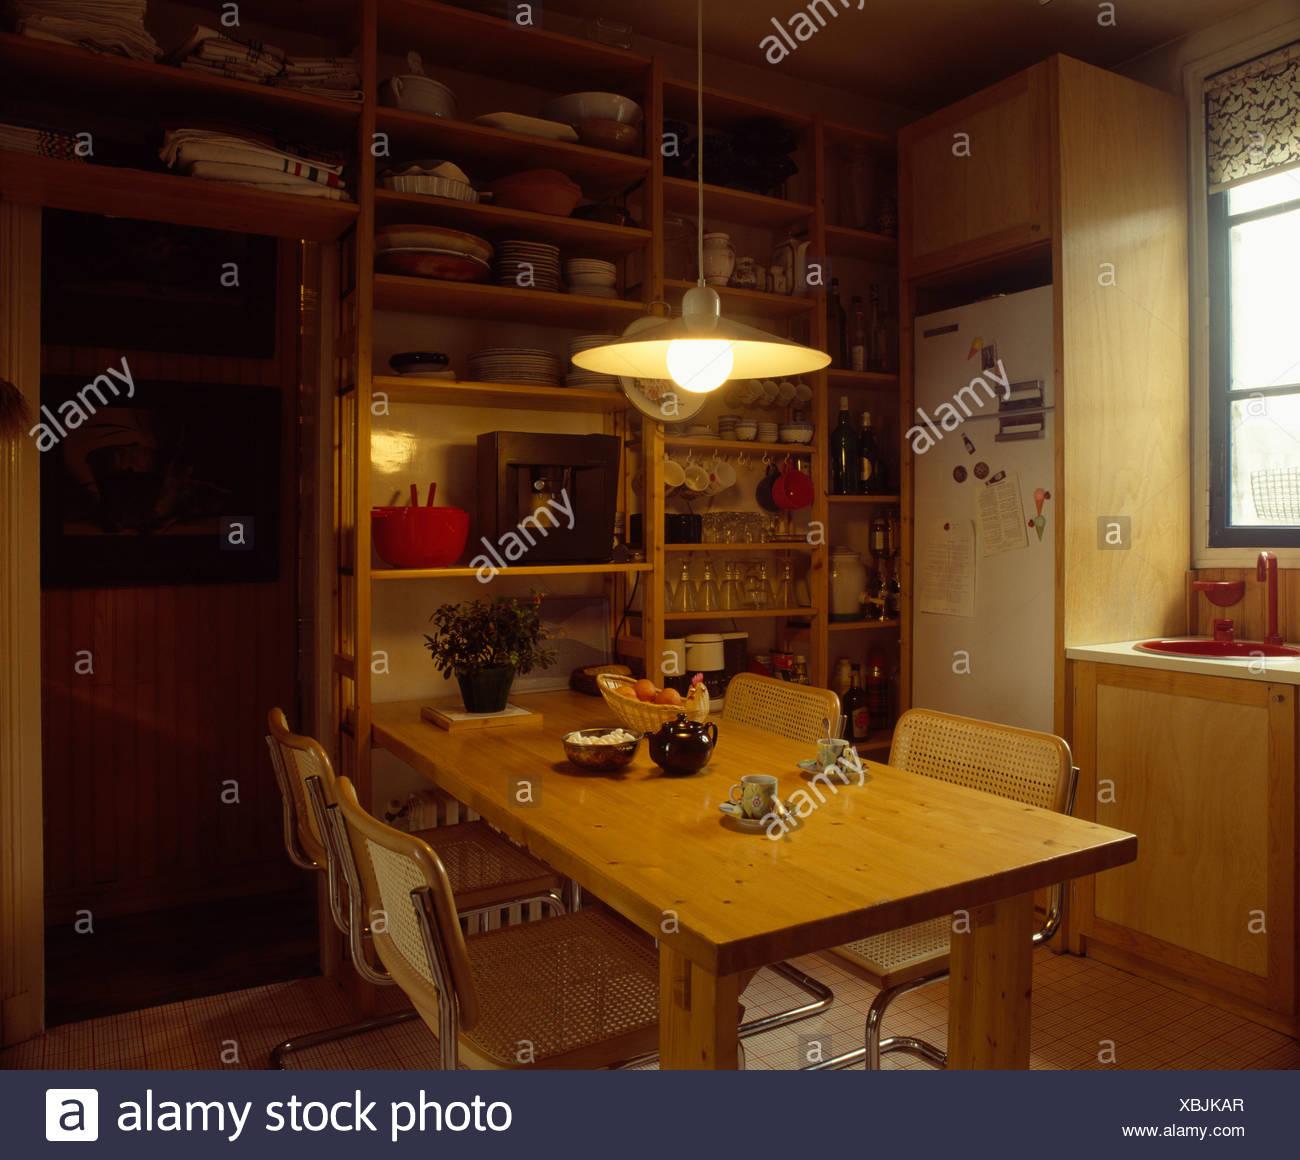 Lampe über Holztisch im 70er Jahre Küche Stockfoto, Bild: 282537439 ...